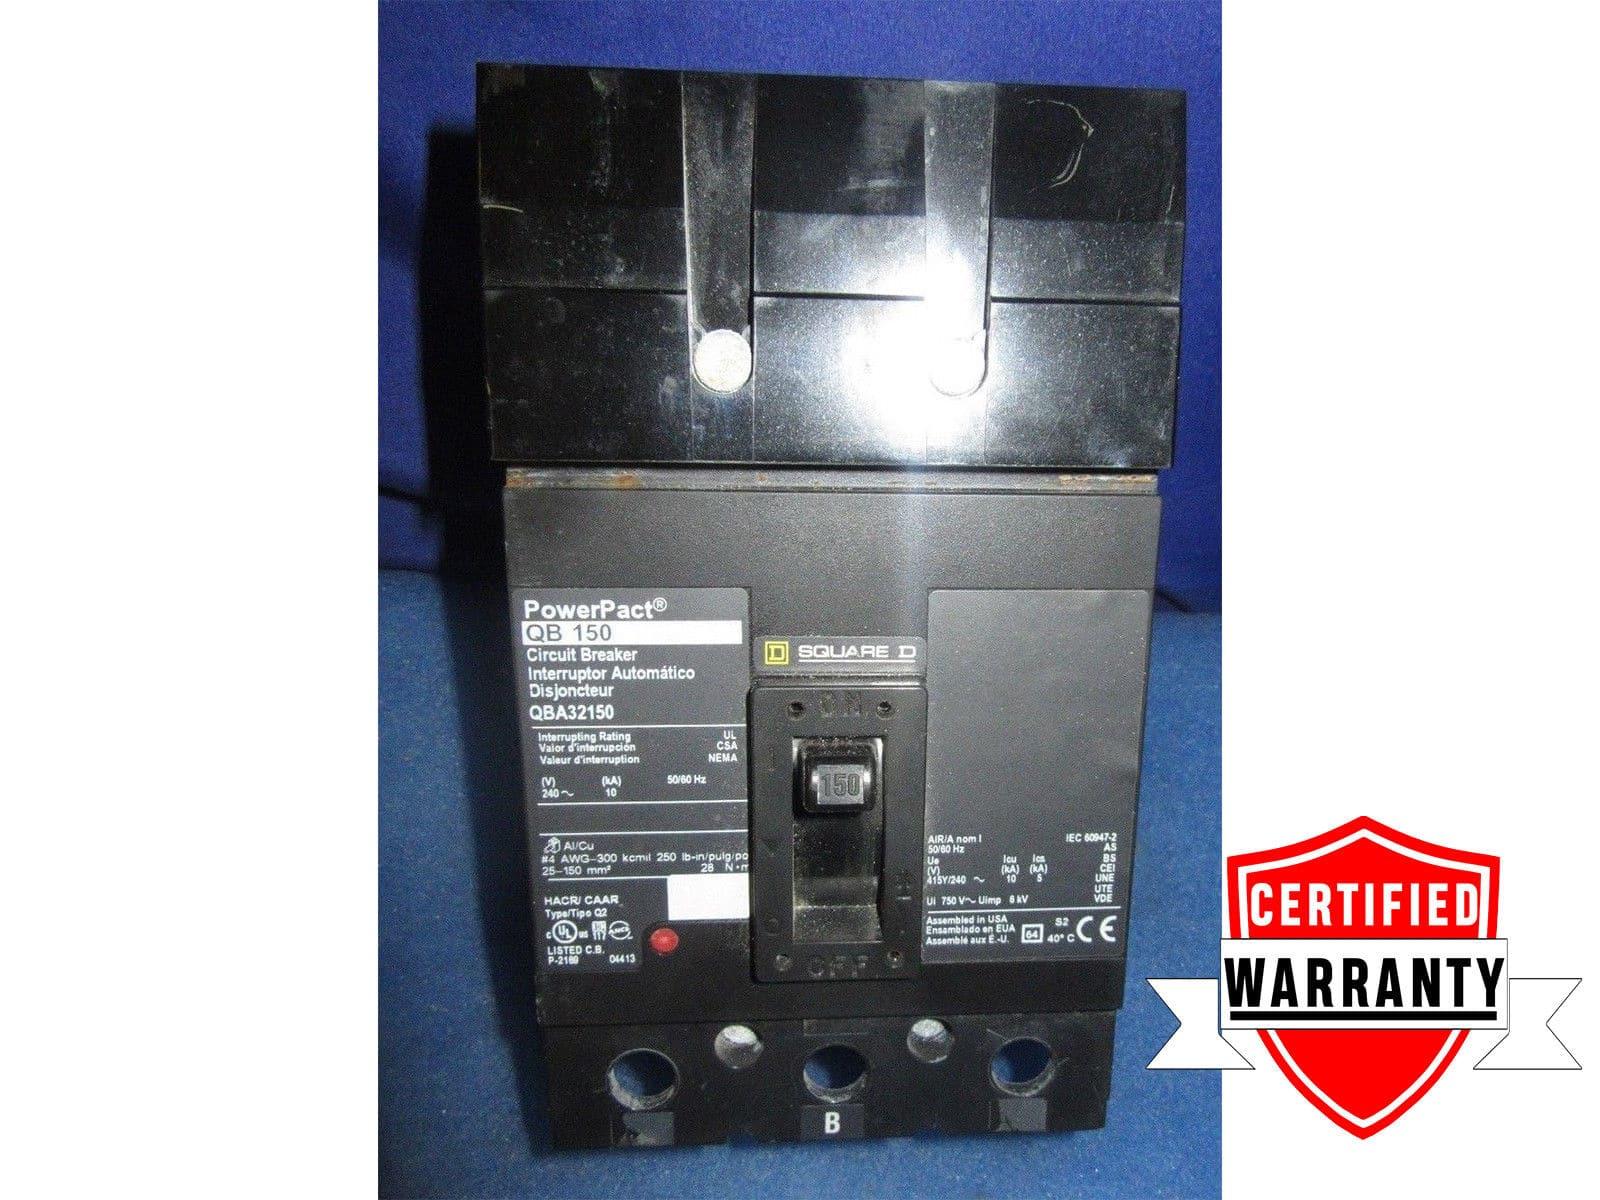 240 Volt Square D 150 Amp Circuit Breaker QBA32150 New Breakers 3 Poles